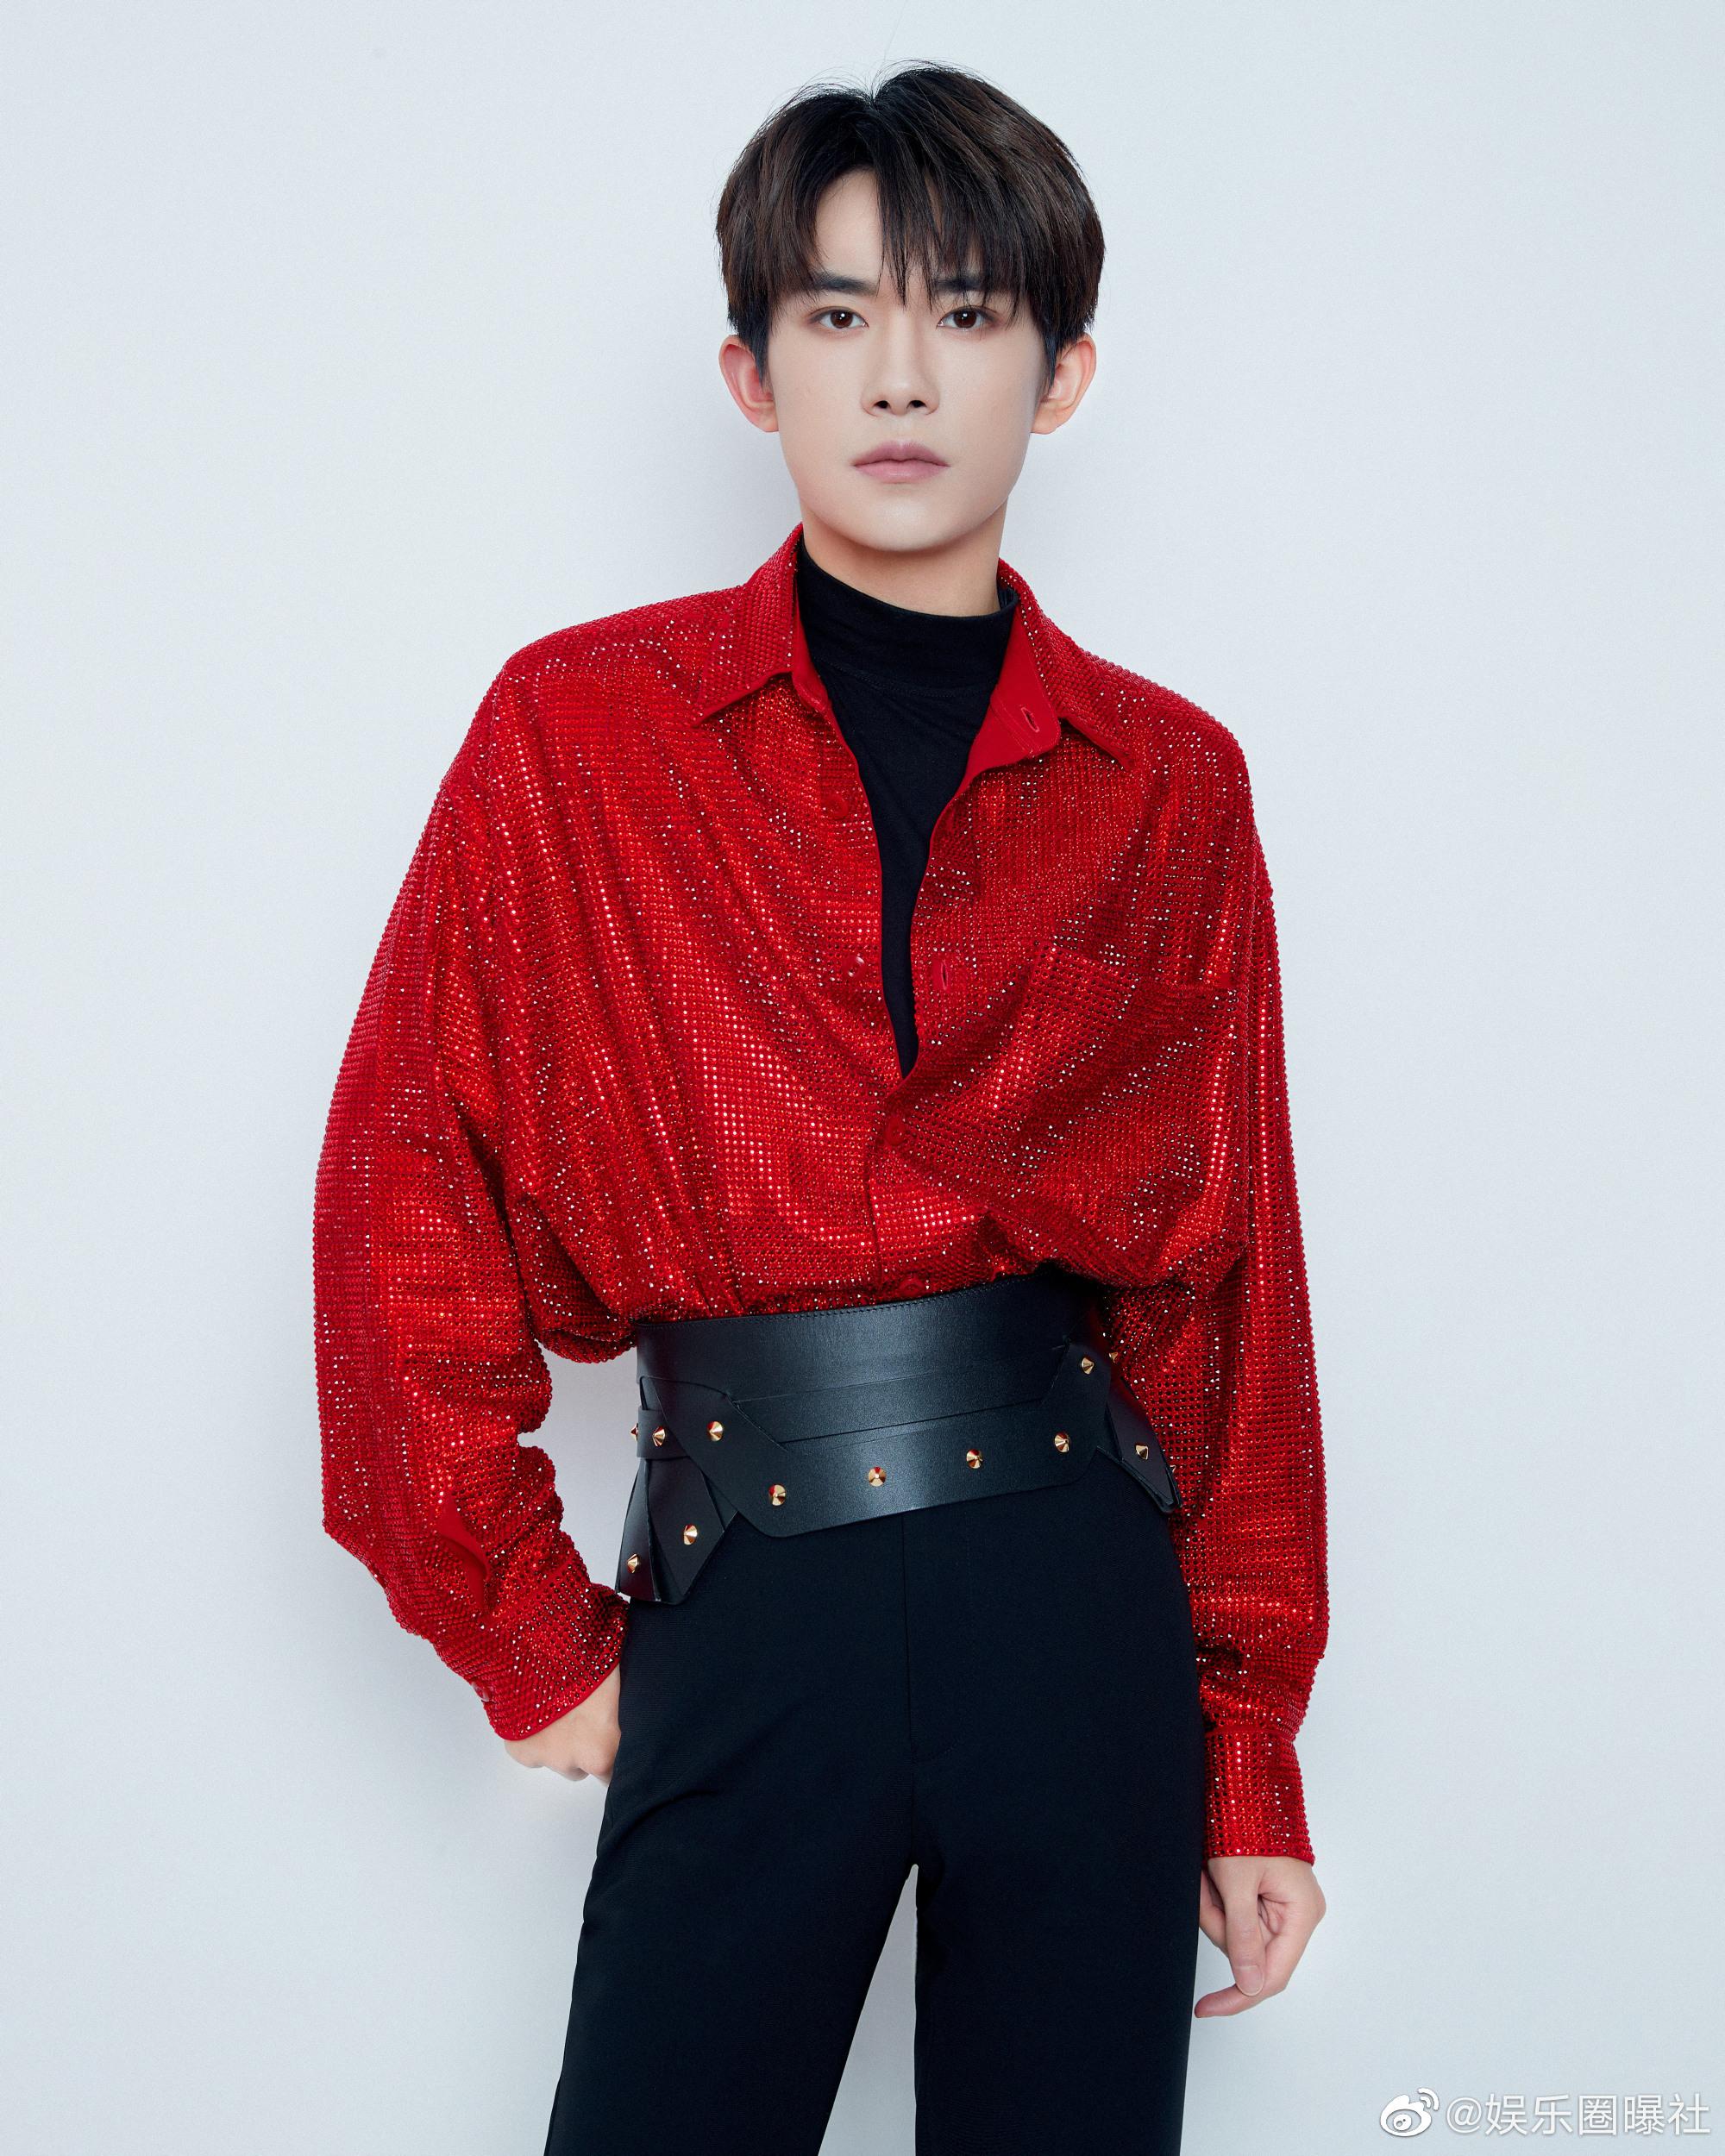 易烊千玺央视春晚造型,一席束腰红衣搭配黑色修身长裤